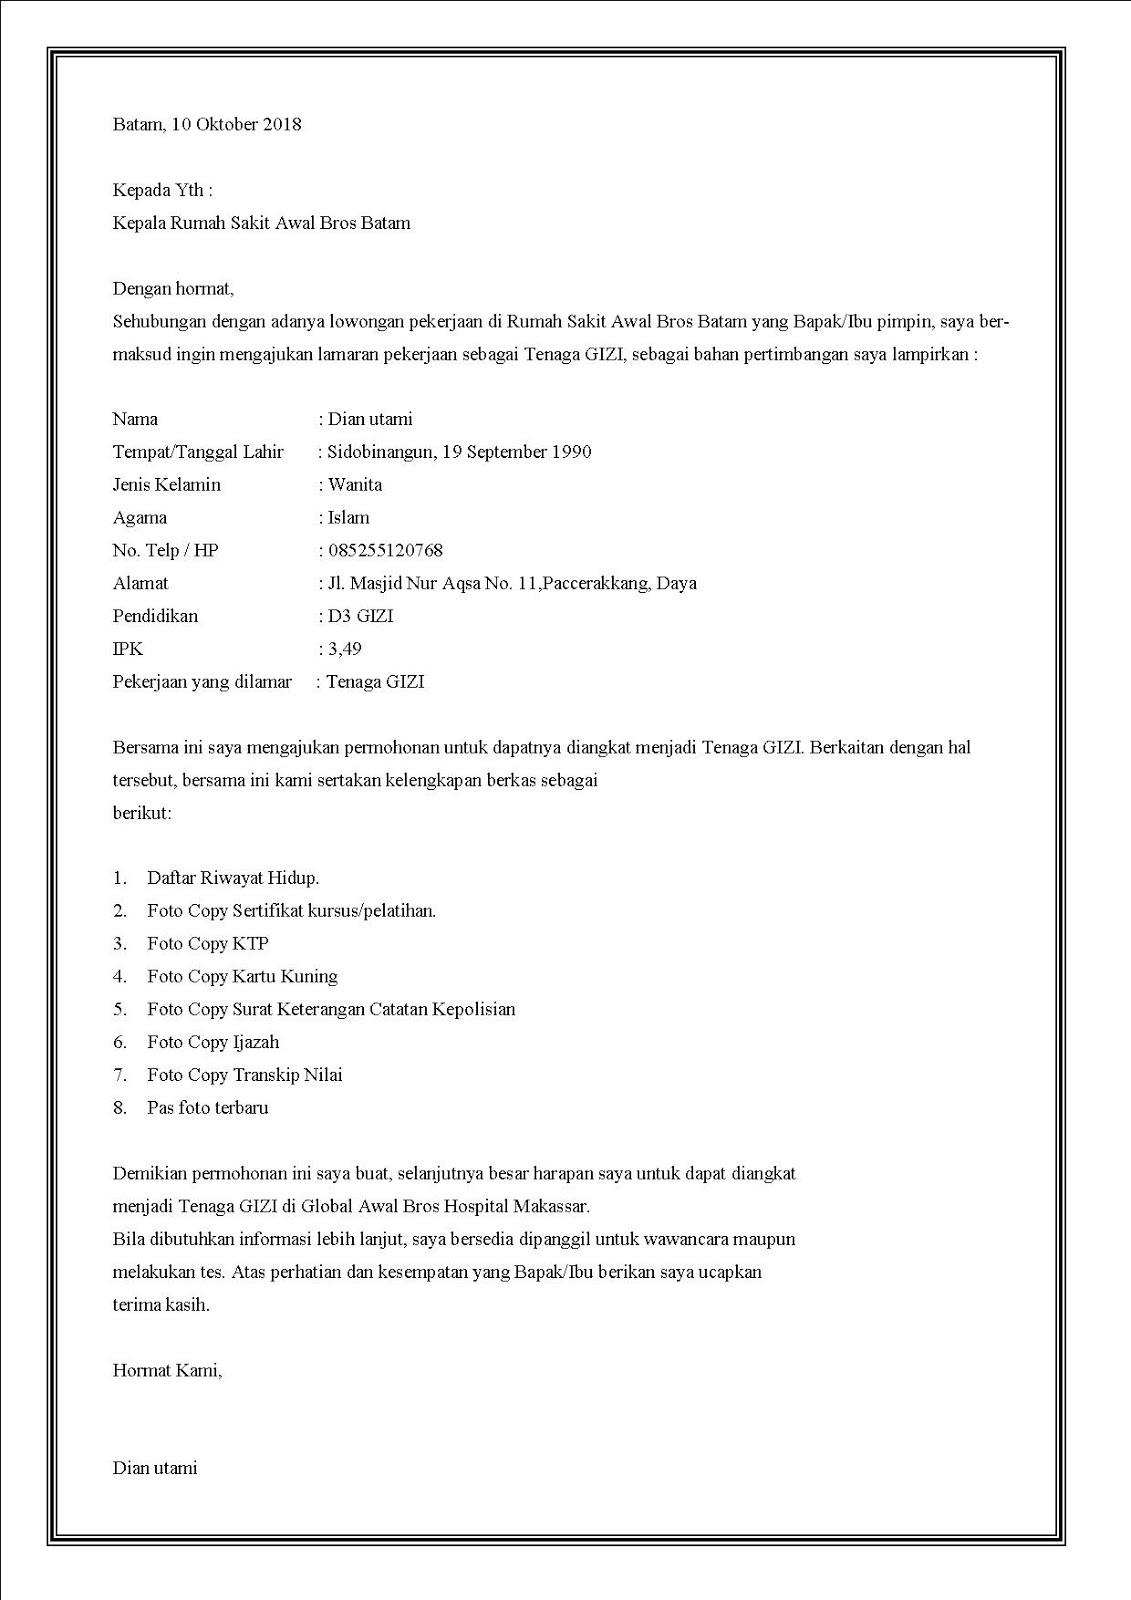 Contoh surat lamaran kerja di rumah sakit sebagai ahli gizi